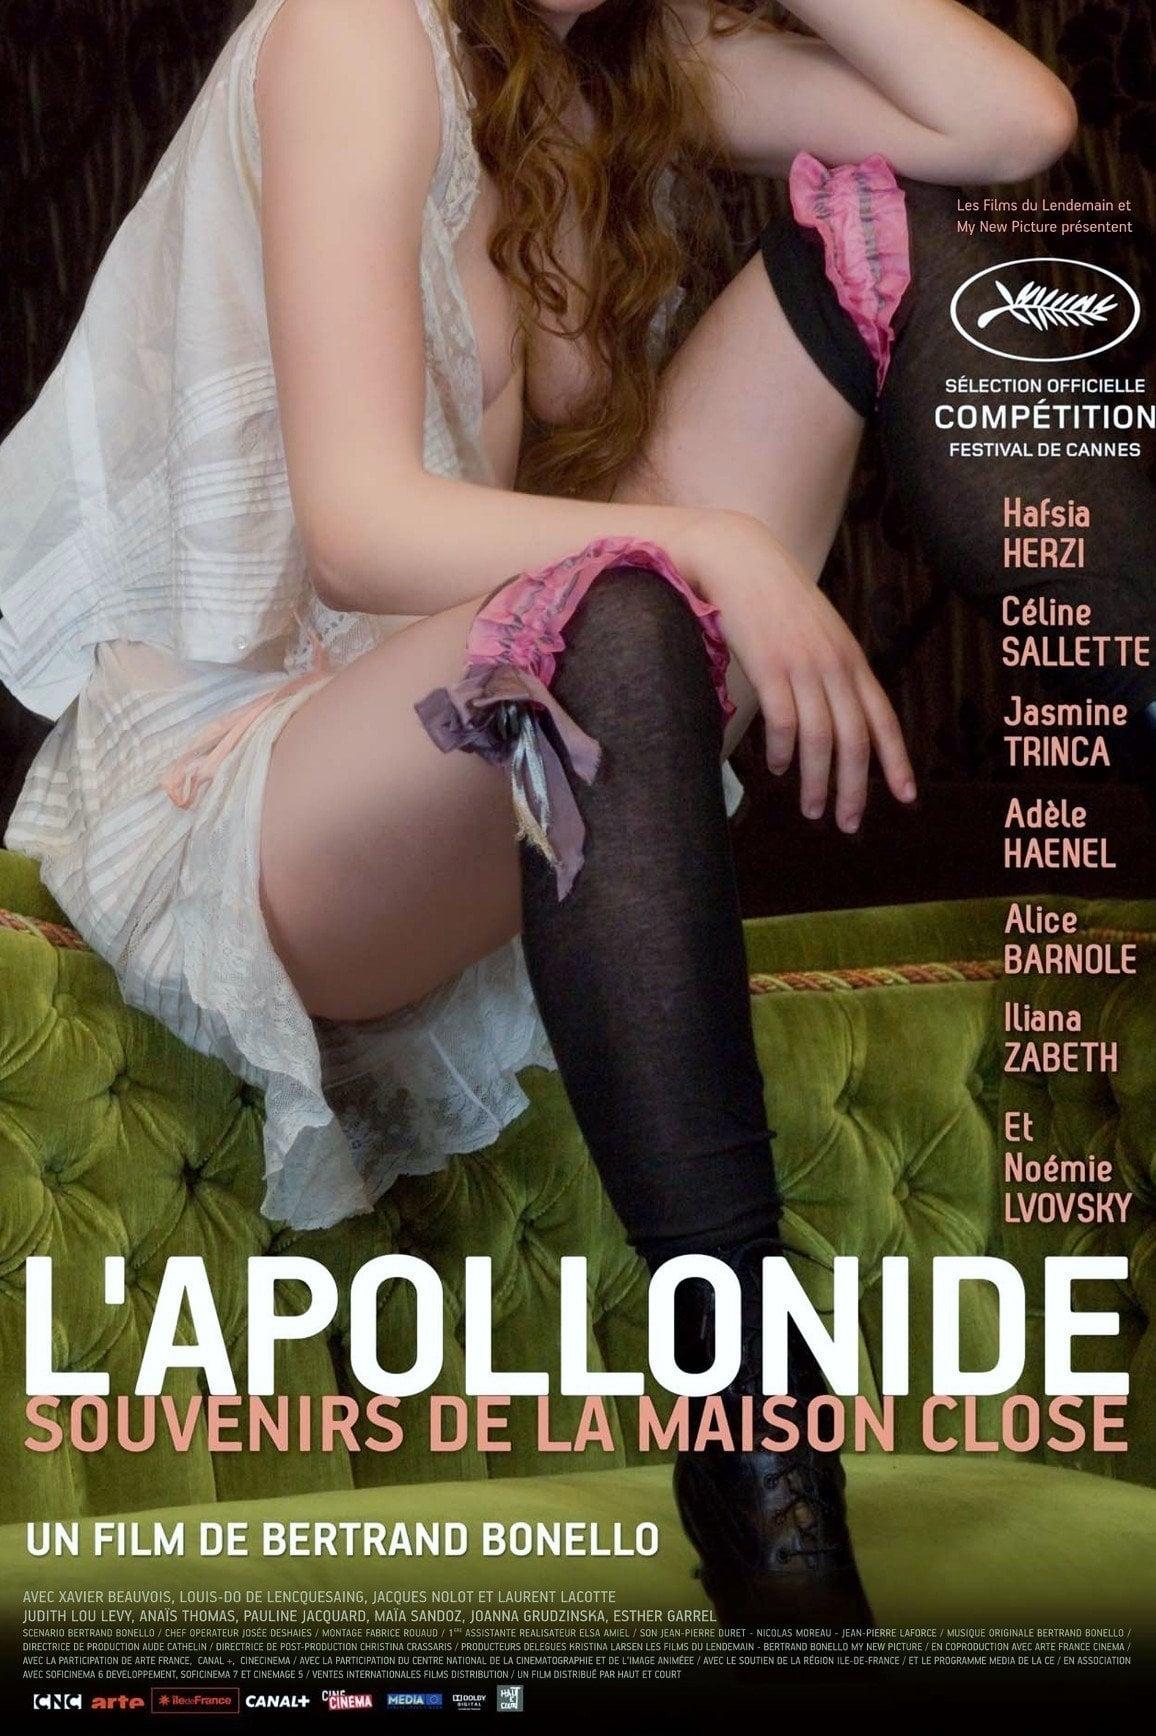 affiche du film L'Apollonide (Souvenirs de la maison close)